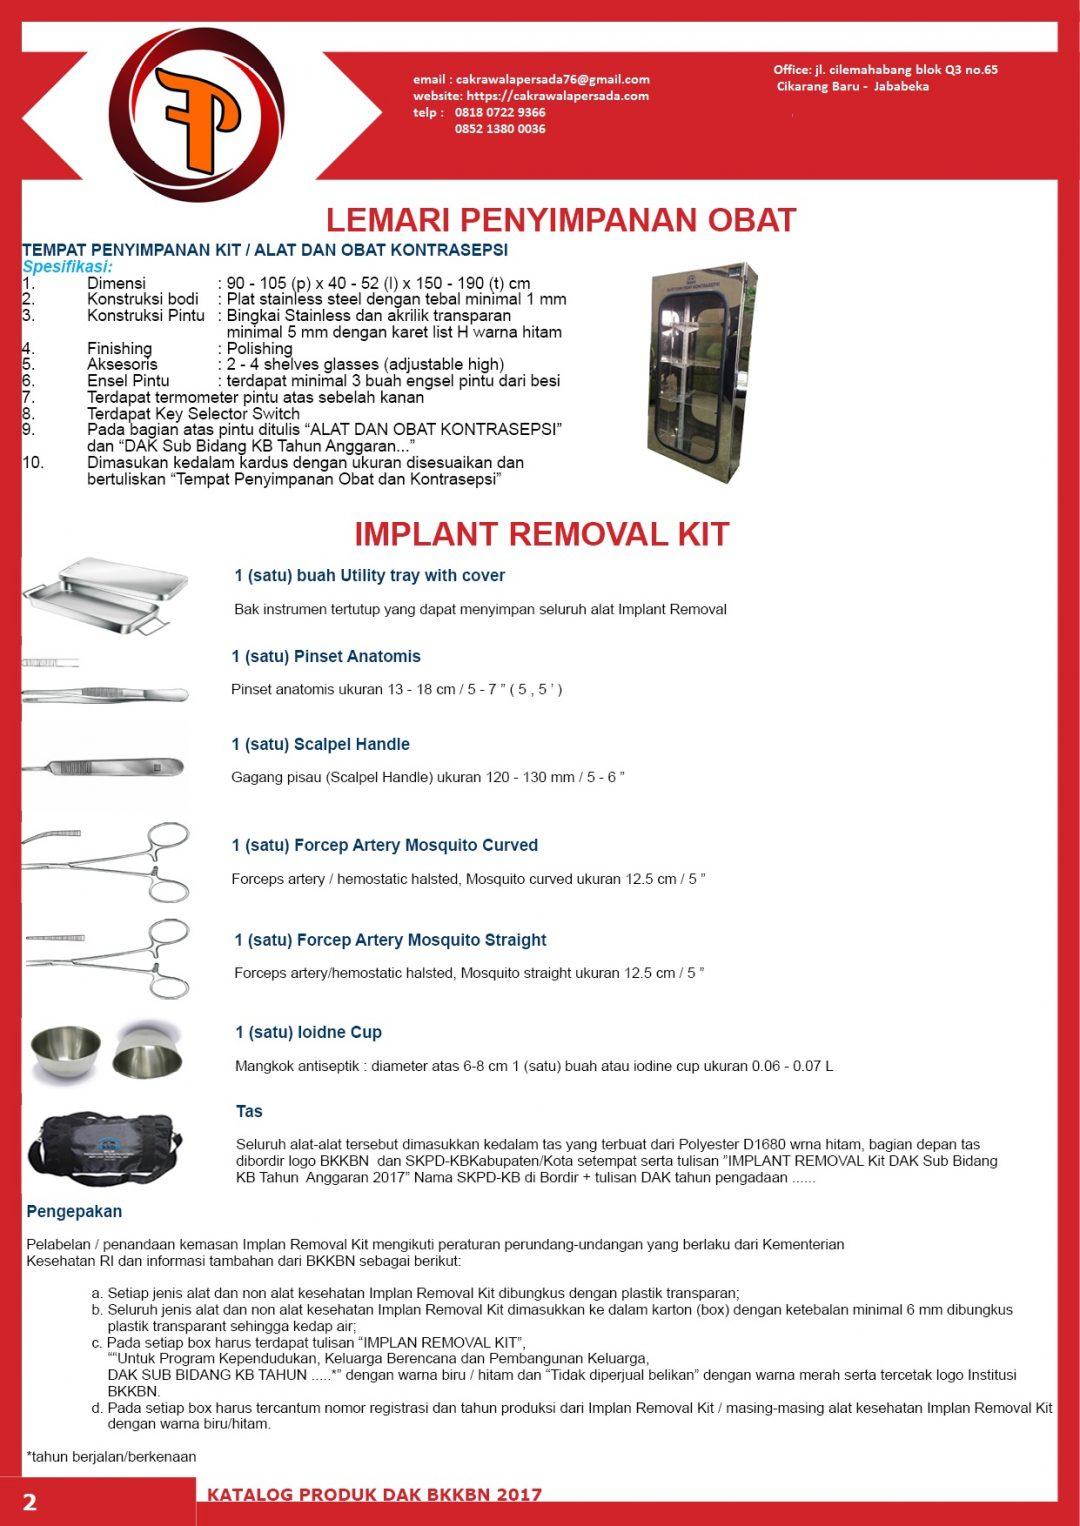 Lemari Alkon dan Implant Removal Kit 2018